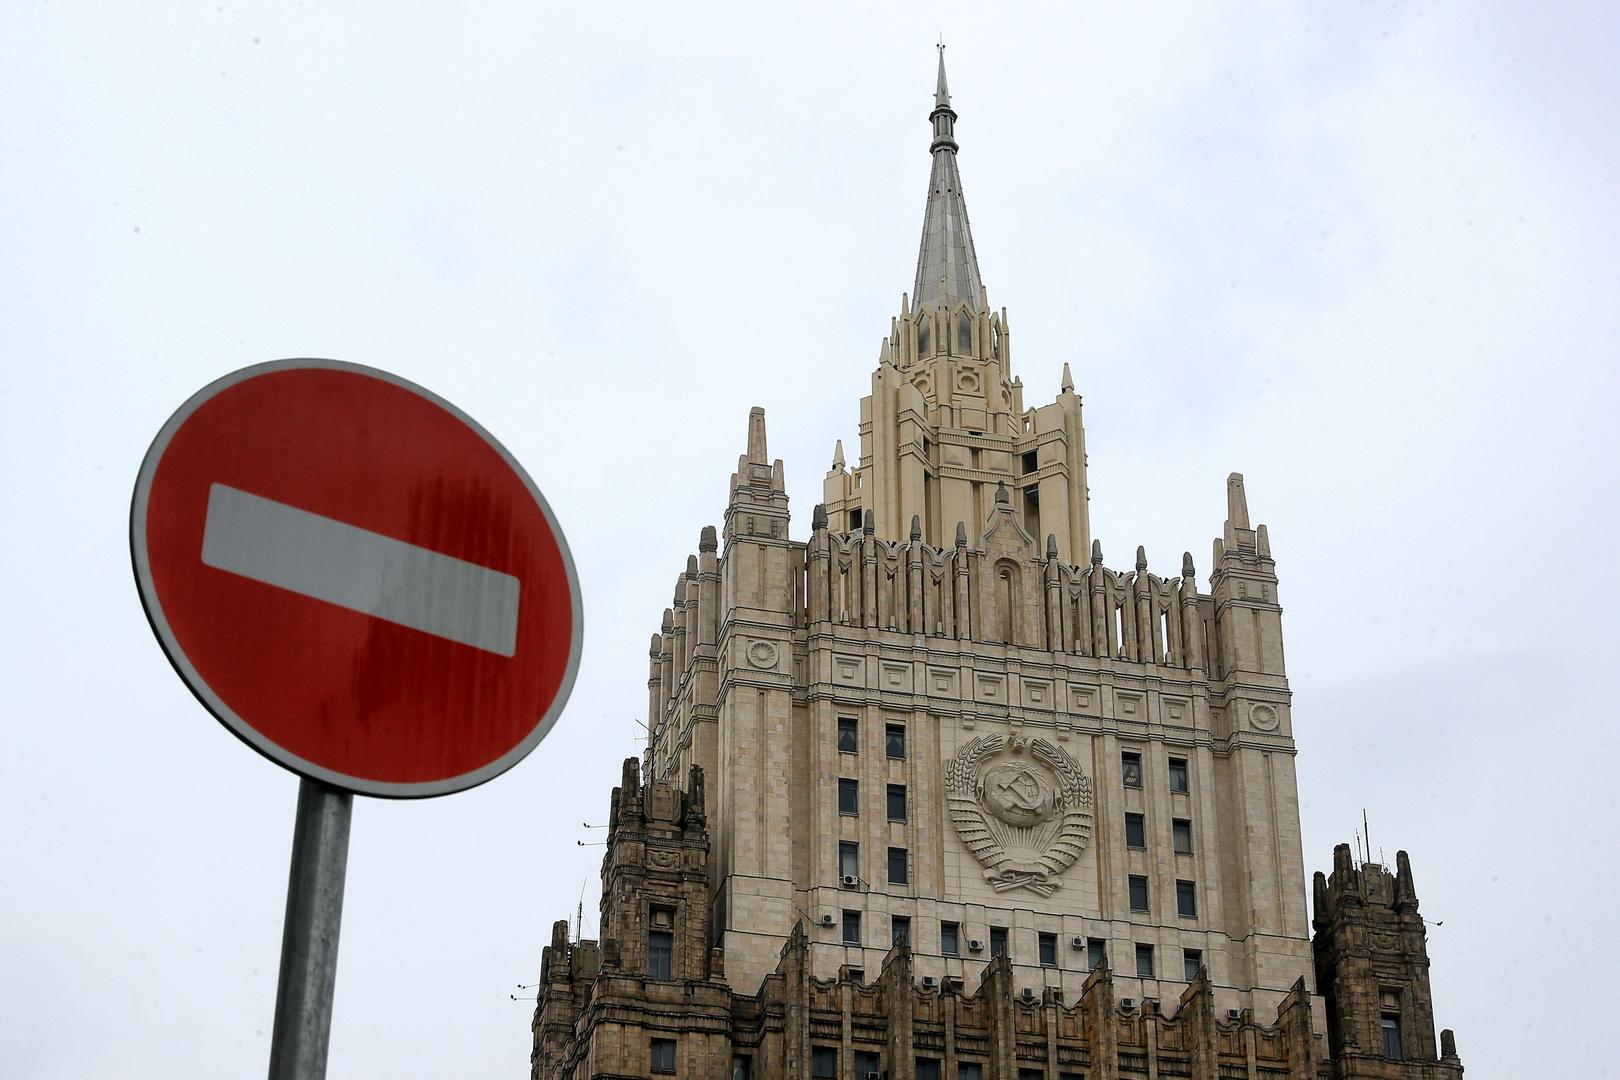 روسيا تطالب 10 موظفين في السفارة الأمريكية مغادرة أراضيها حتى 21 مايو